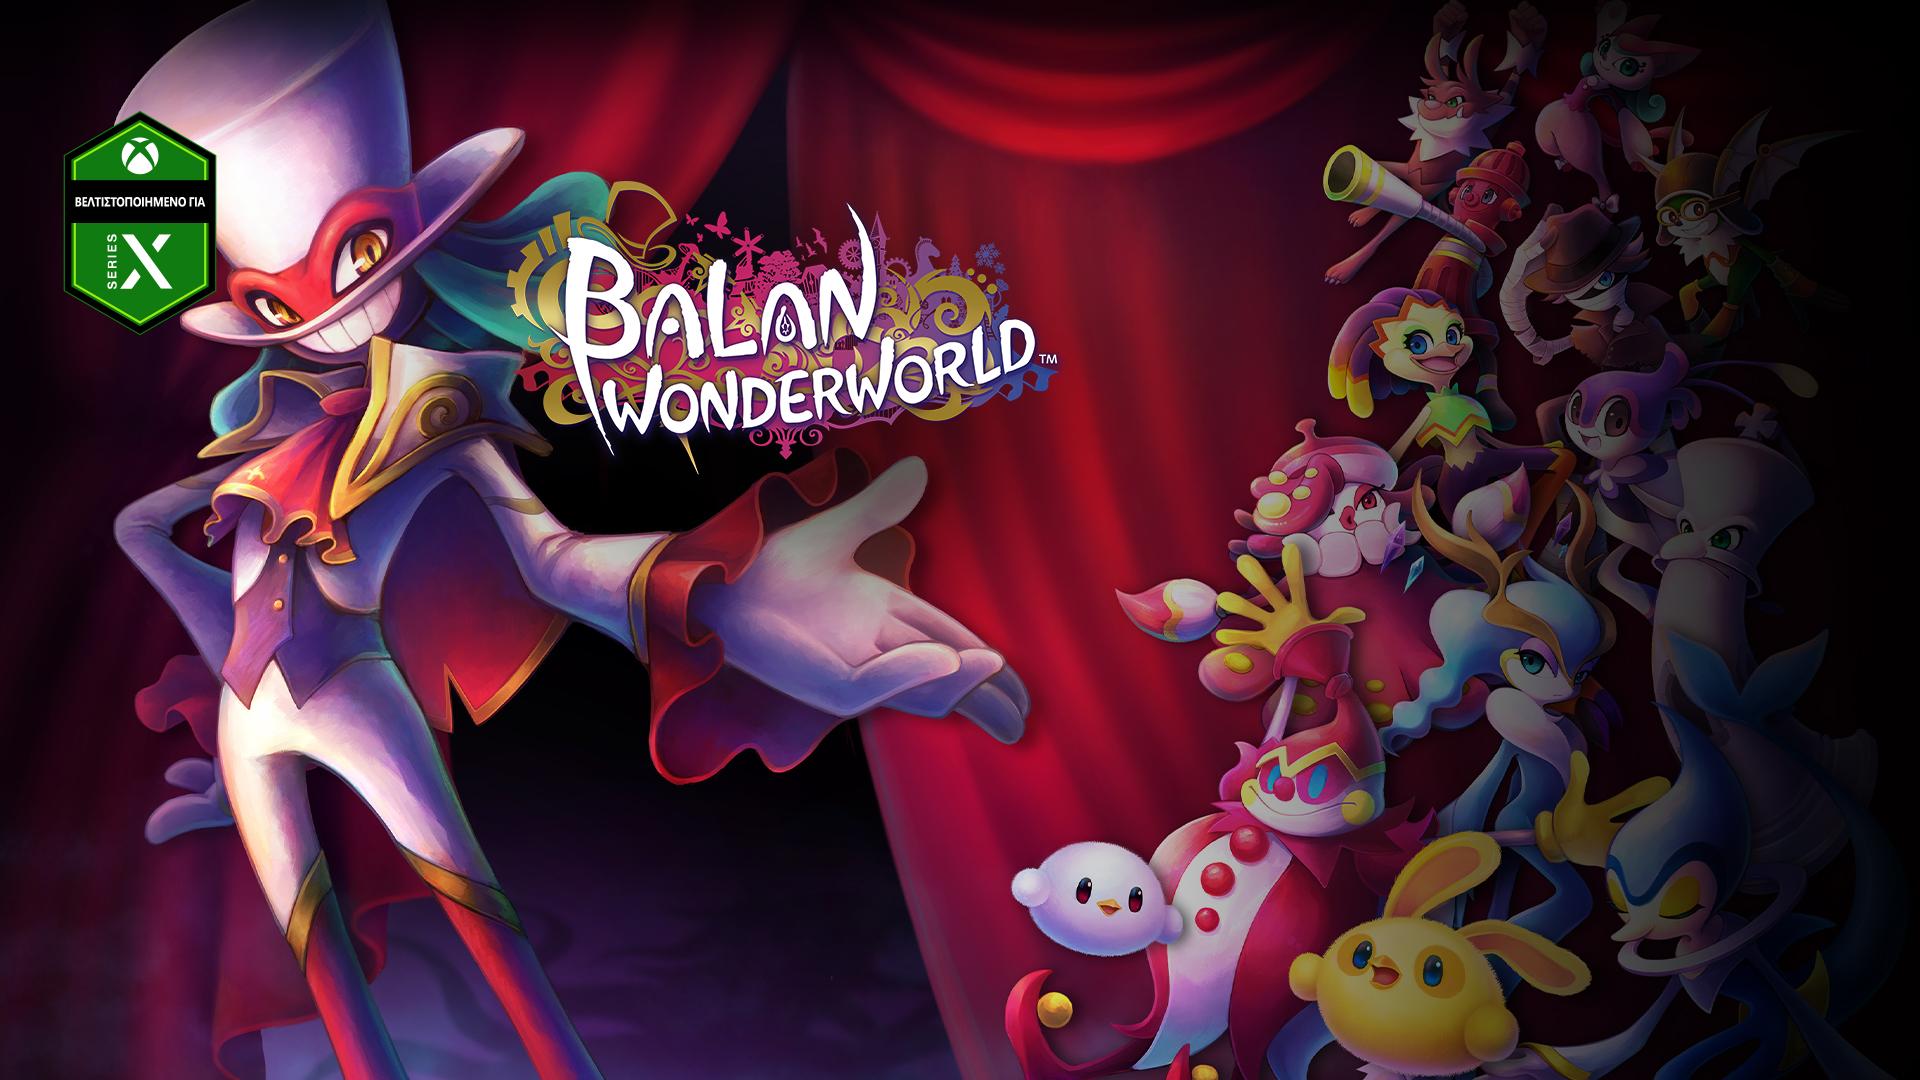 Βελτιστοποιημένο για Series Χ, Balan Wonderworld, Ένας καλοντυμένος δαίμονας χαιρετά μια ομάδα πολύχρωμων πλασμάτων.